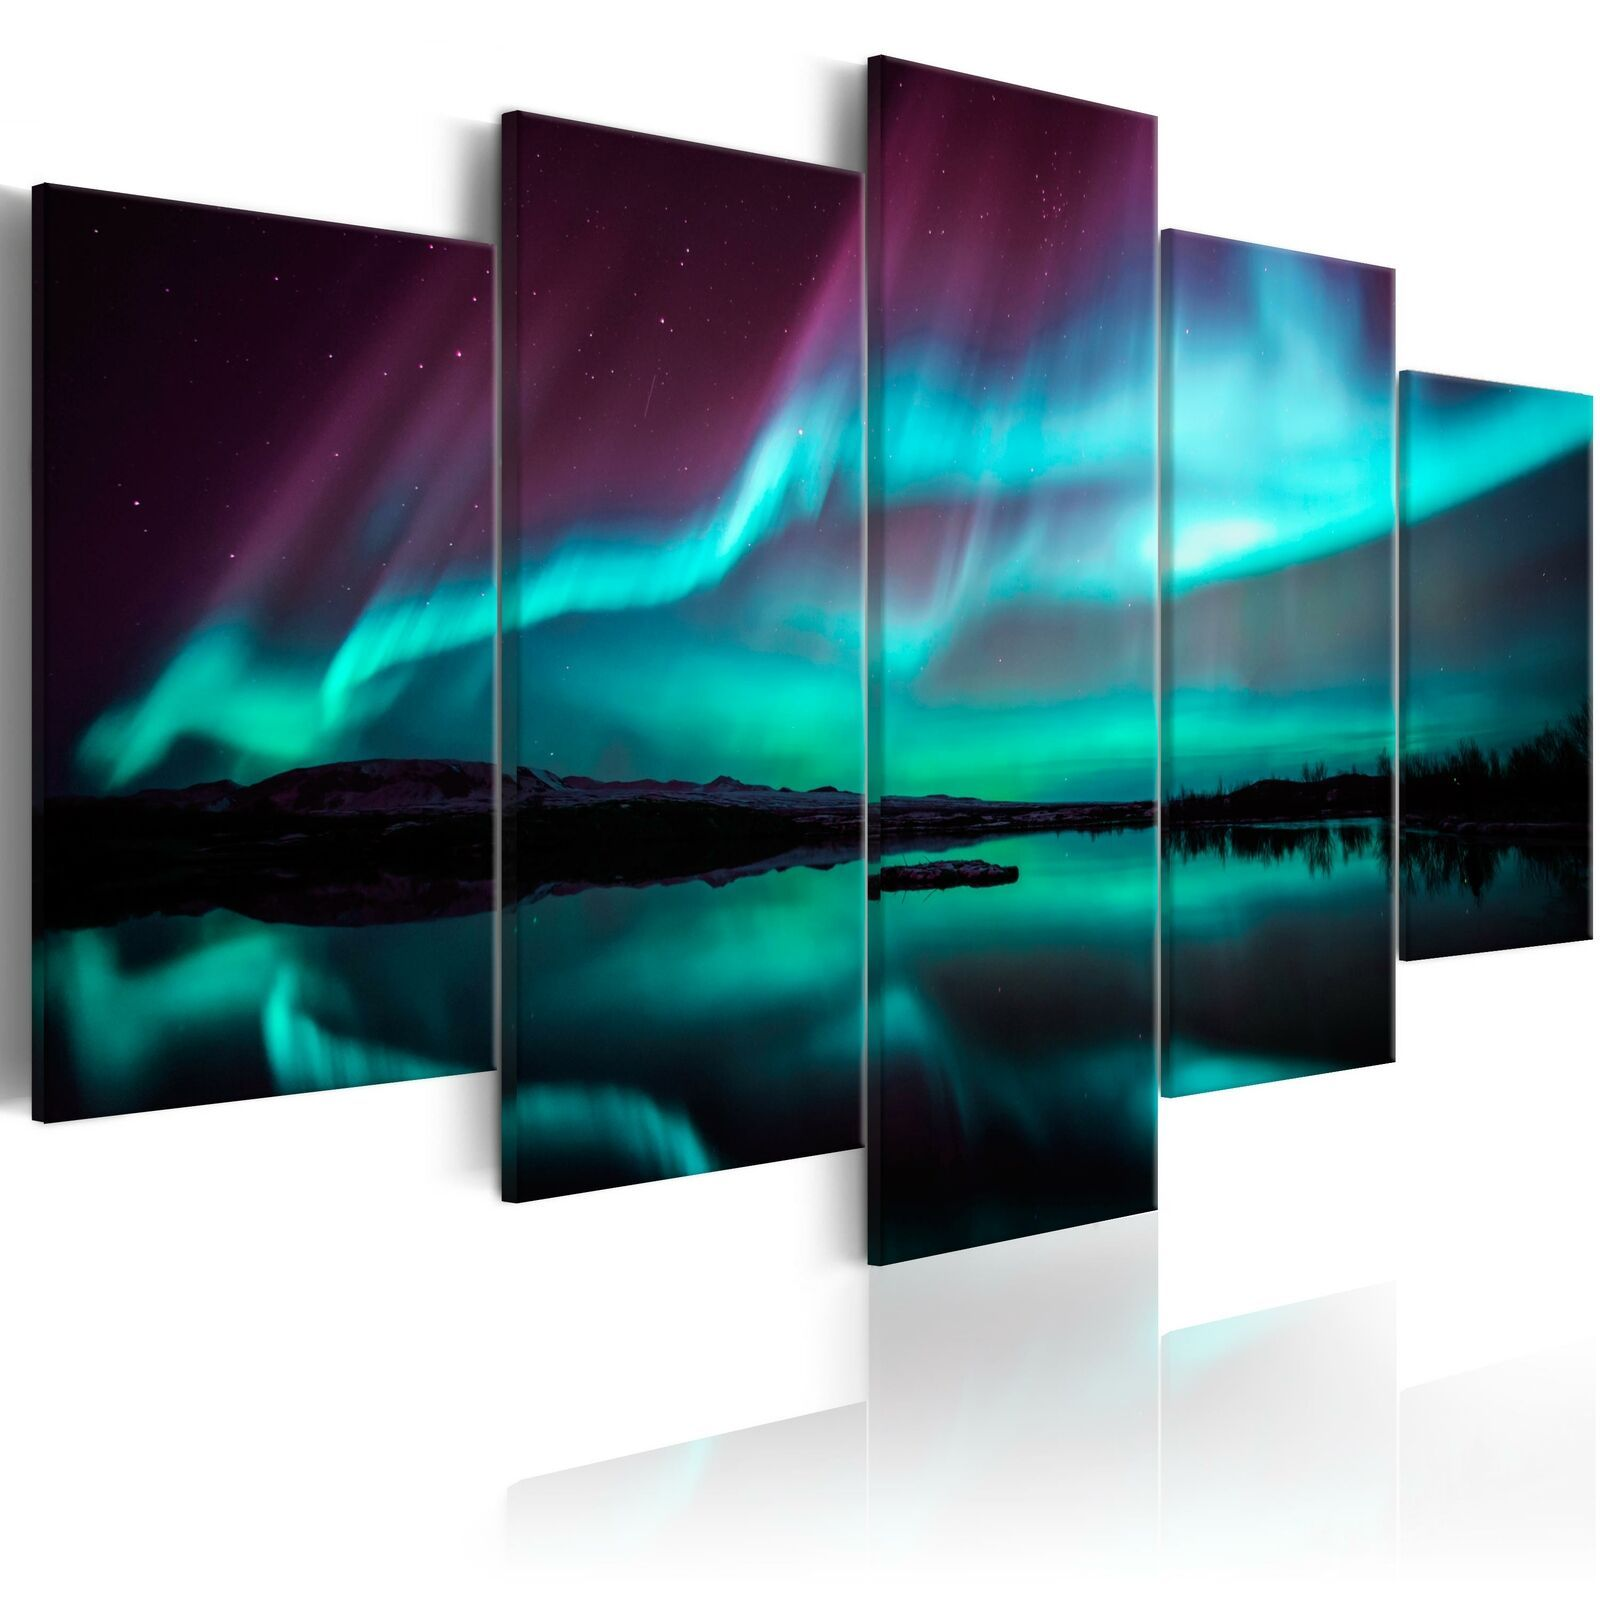 Polarlicht Nordlicht Wandbilder Xxl Bilder Vlies Leinwand C B 0290 B N In 2021 Living Room Canvas Pictures Night Light Poster Prints